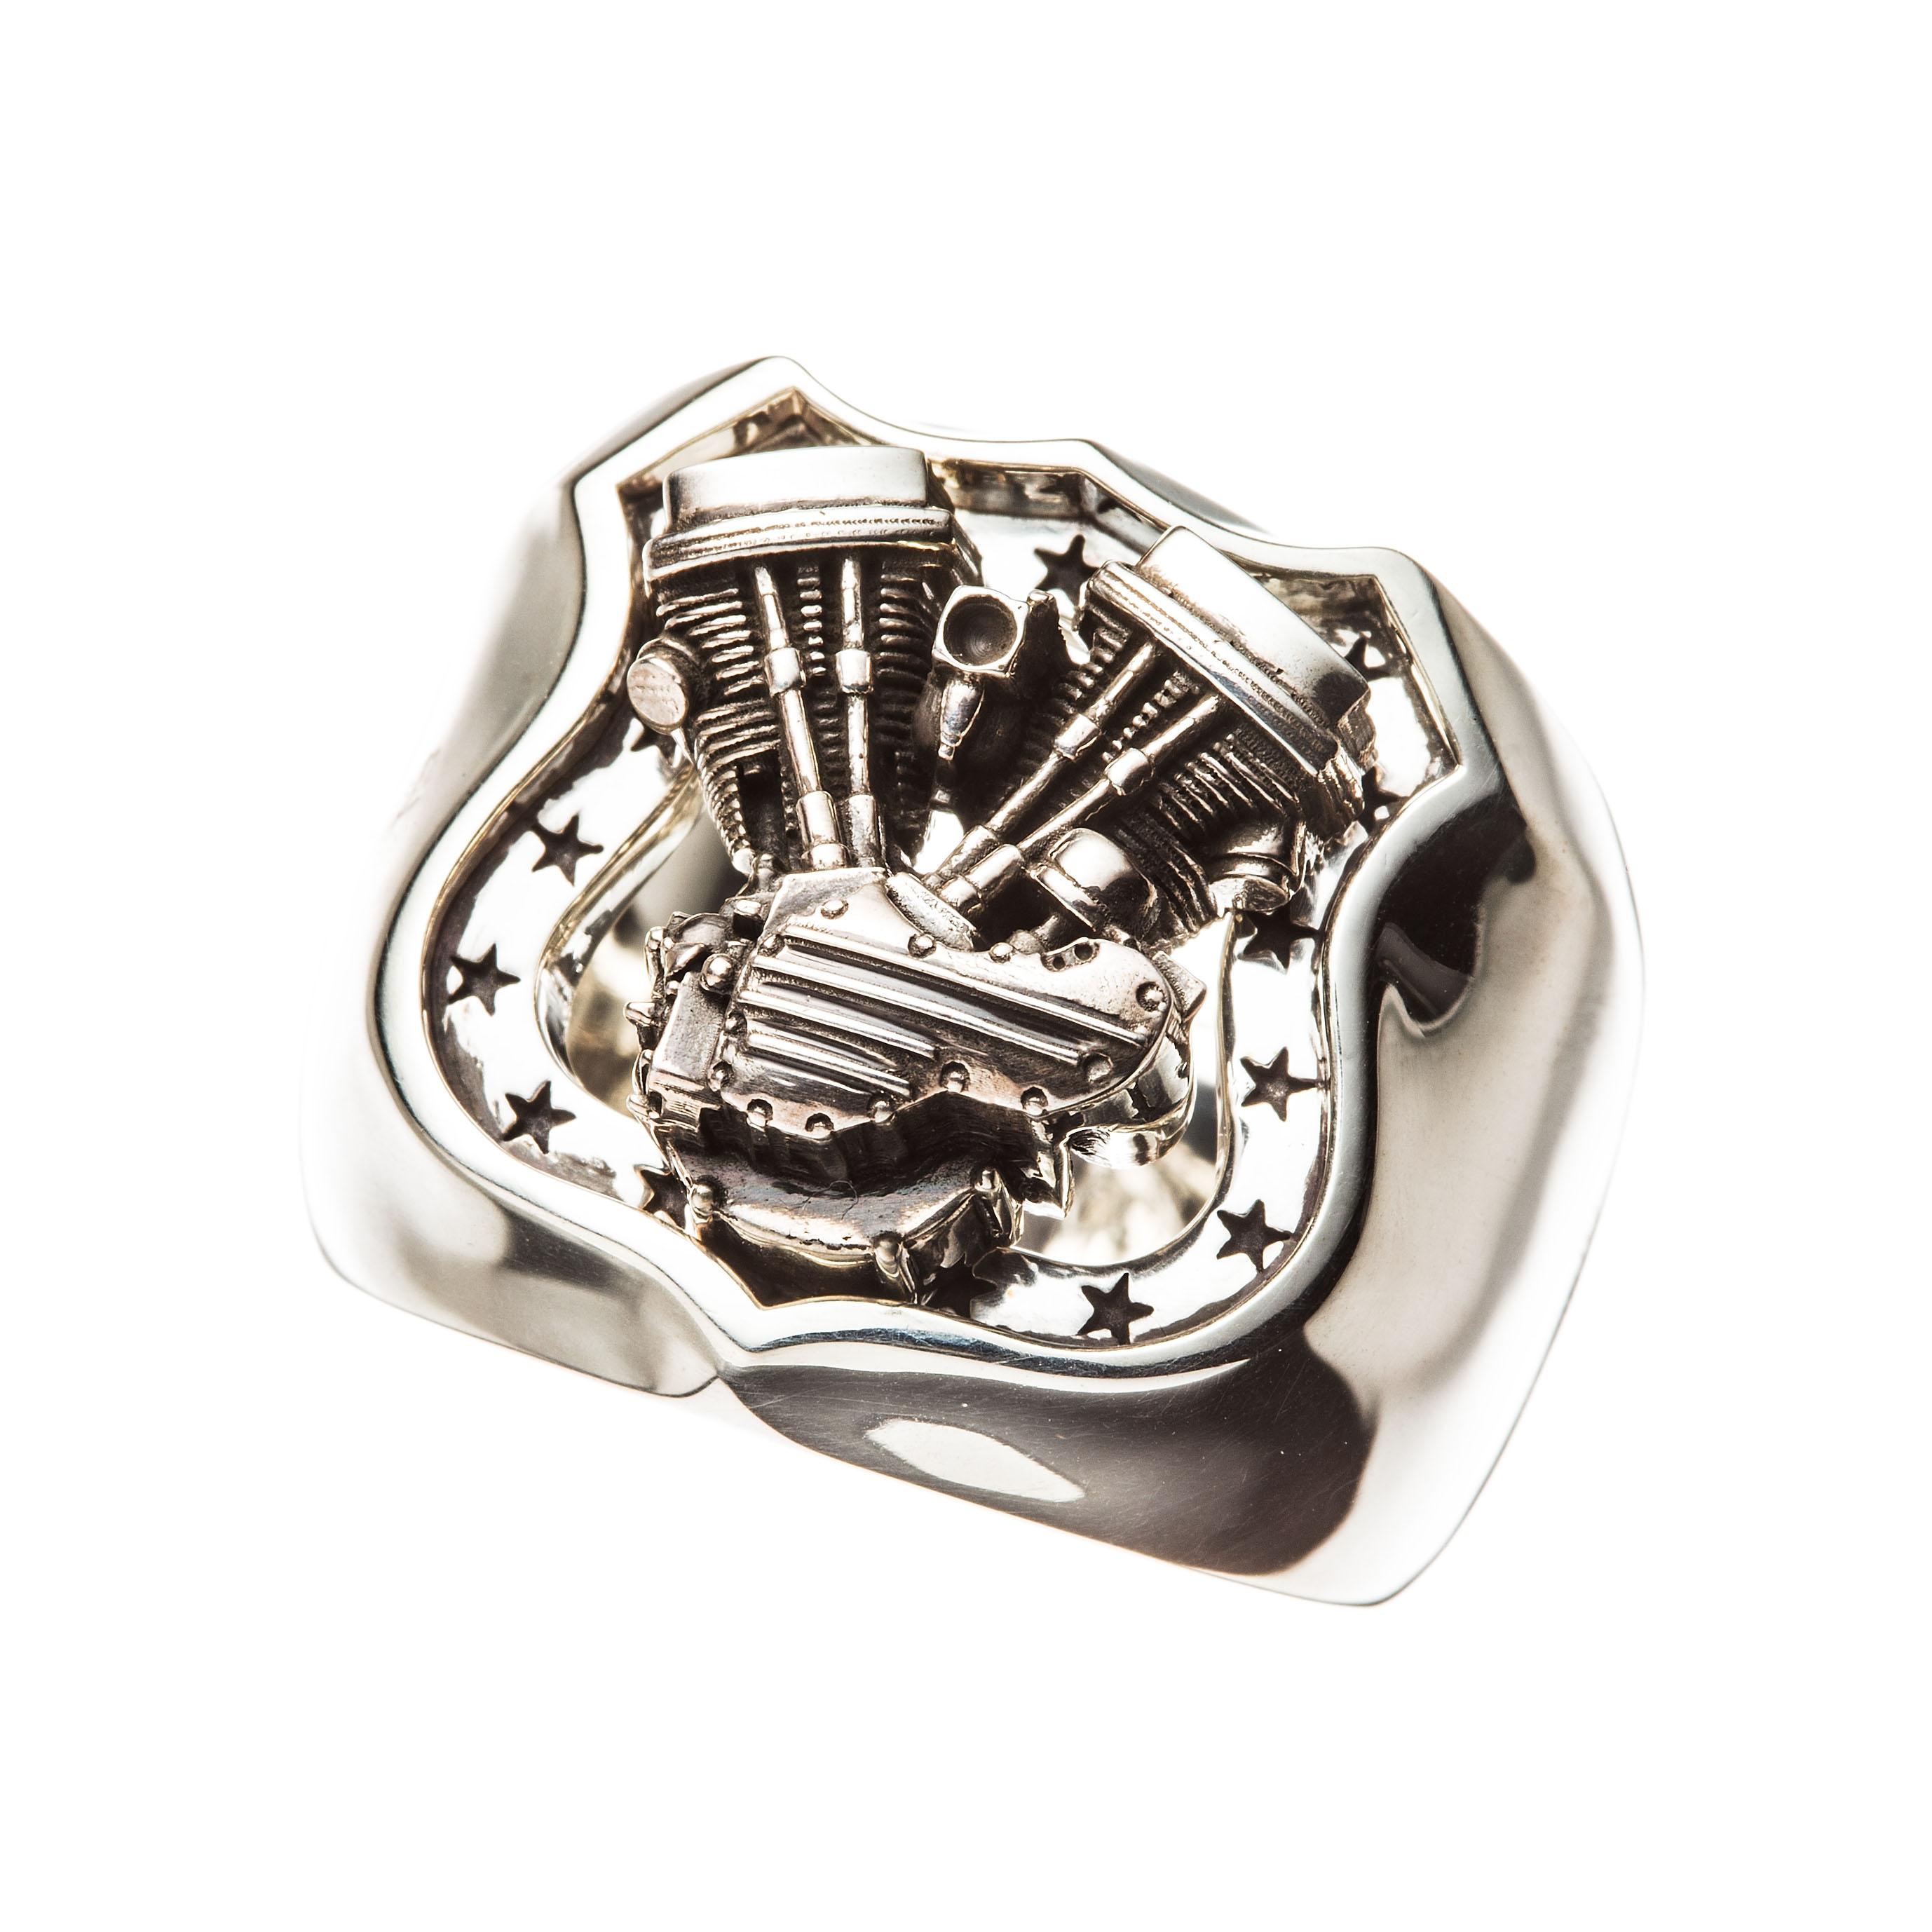 PAN ENGINE RING